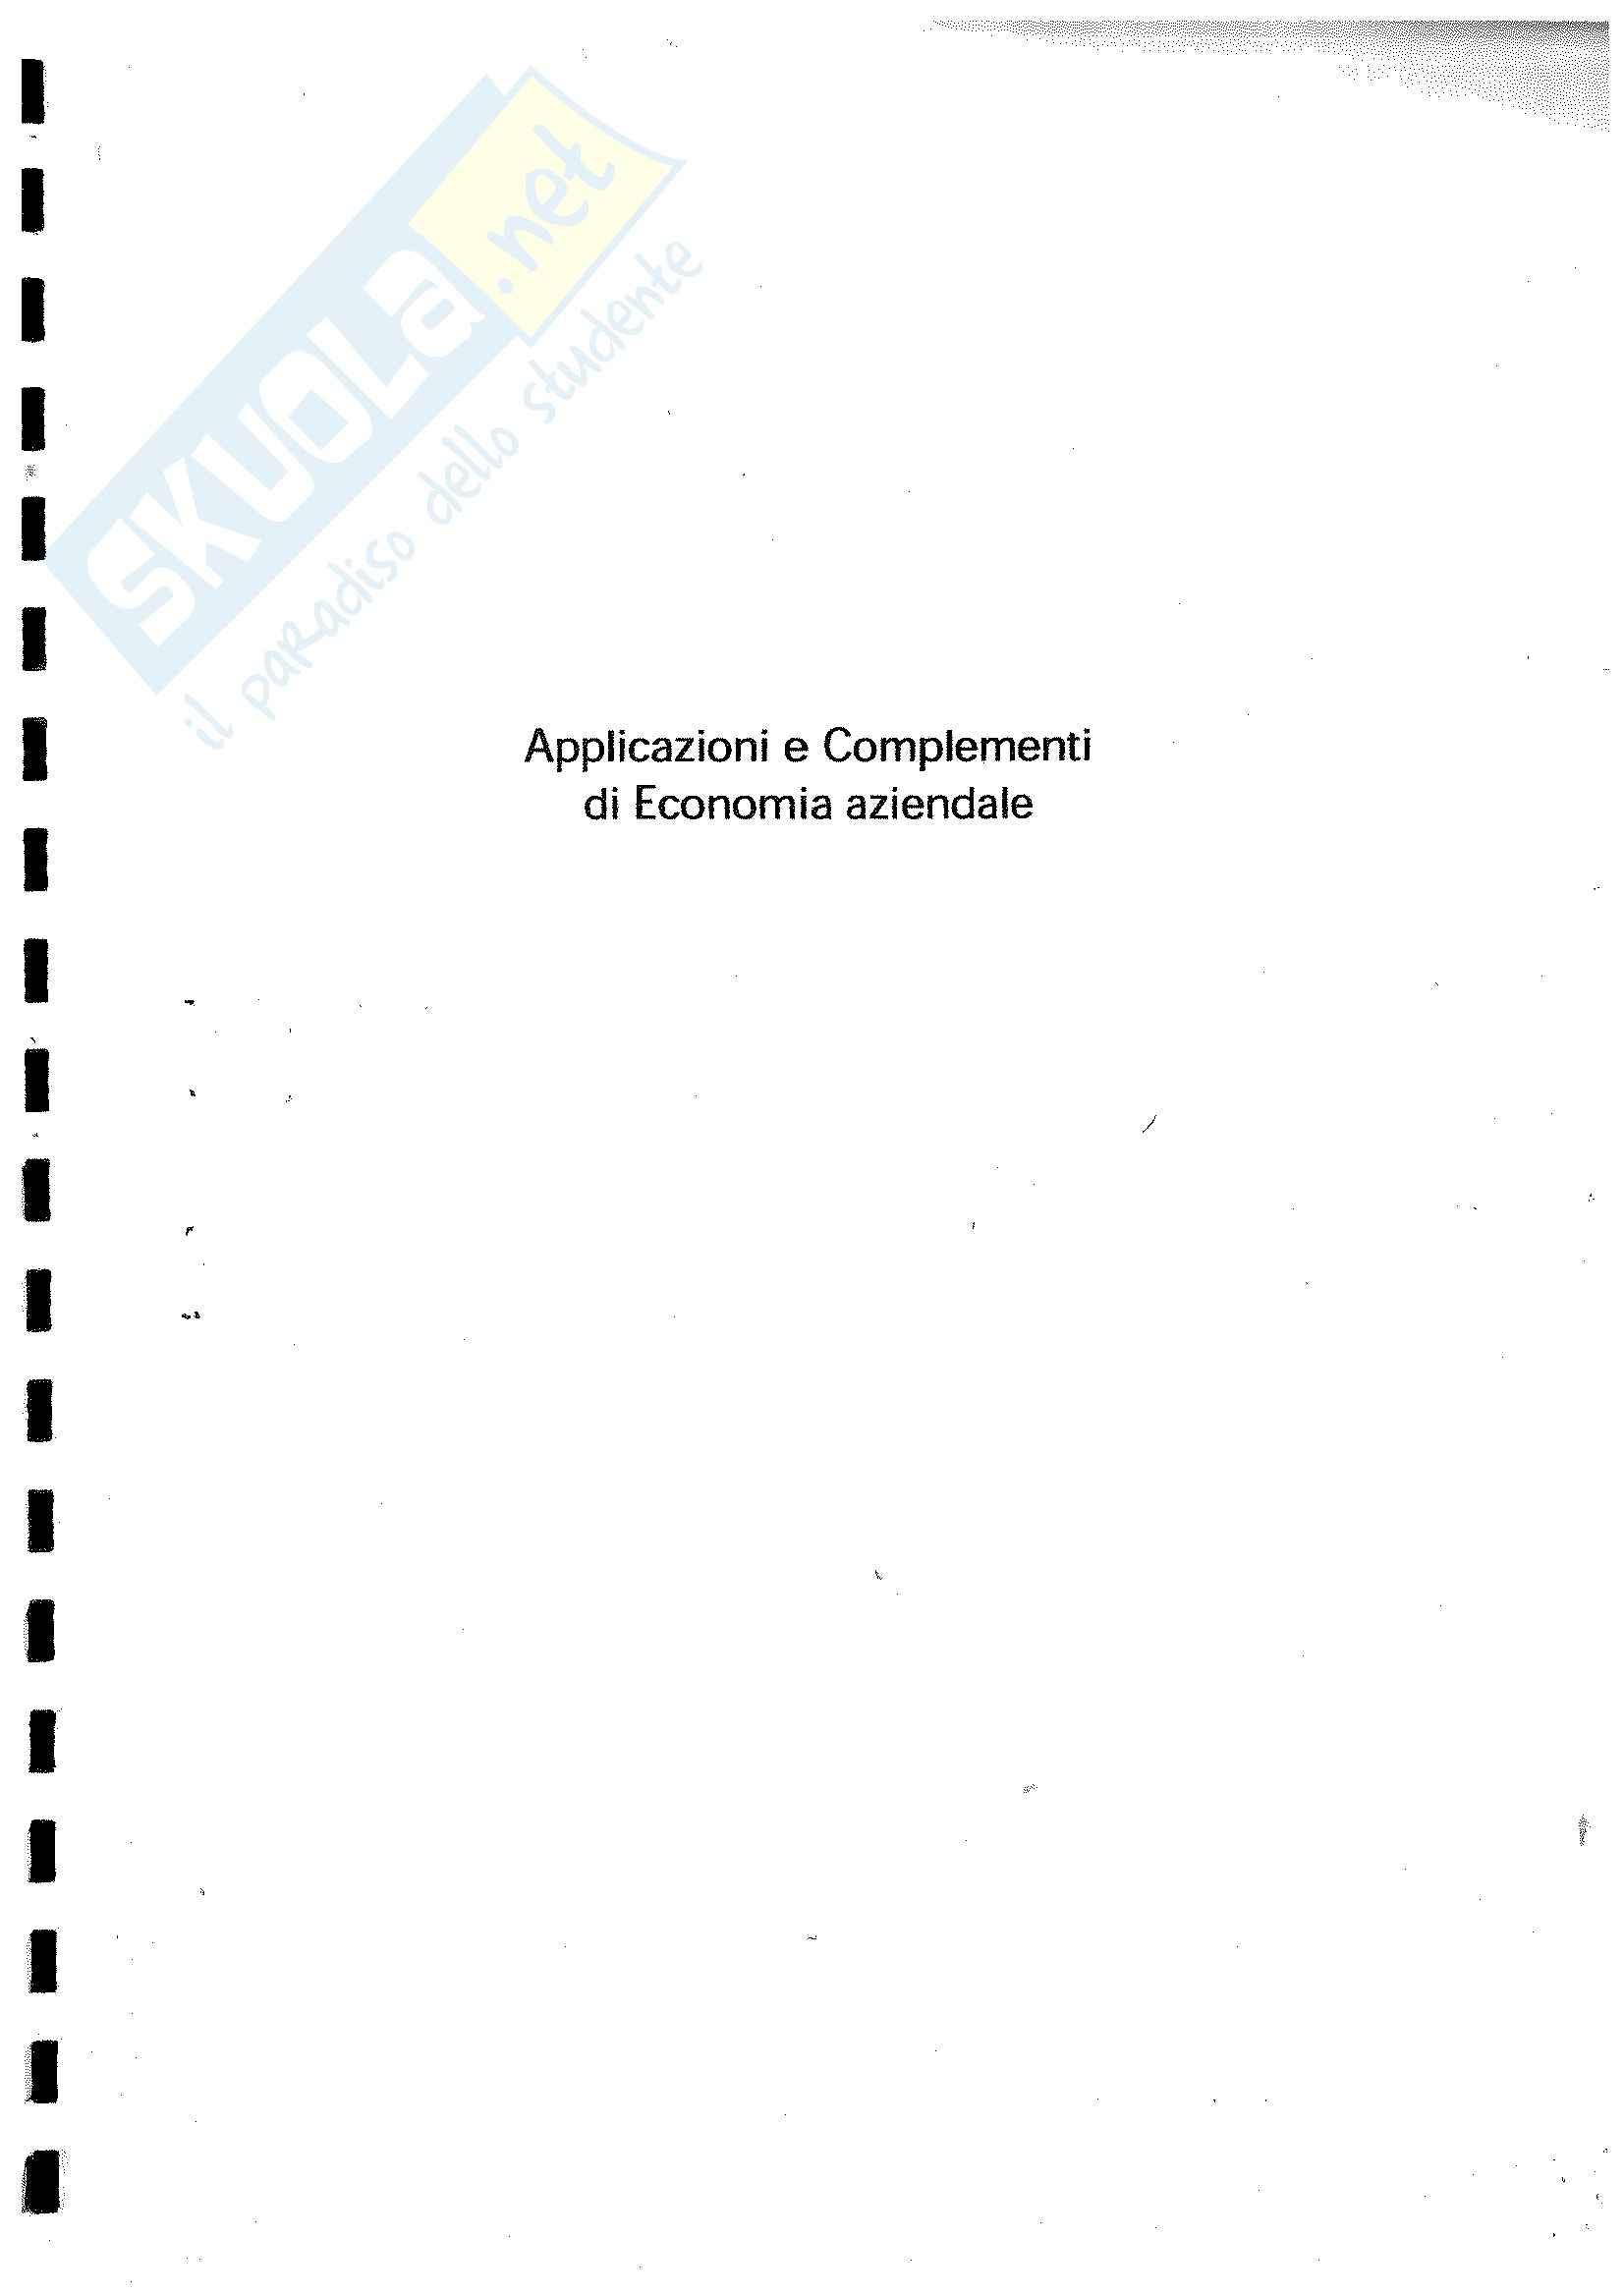 esercitazione F. Manes Rossi Economia aziendale e metodologie quantitative d'azienda